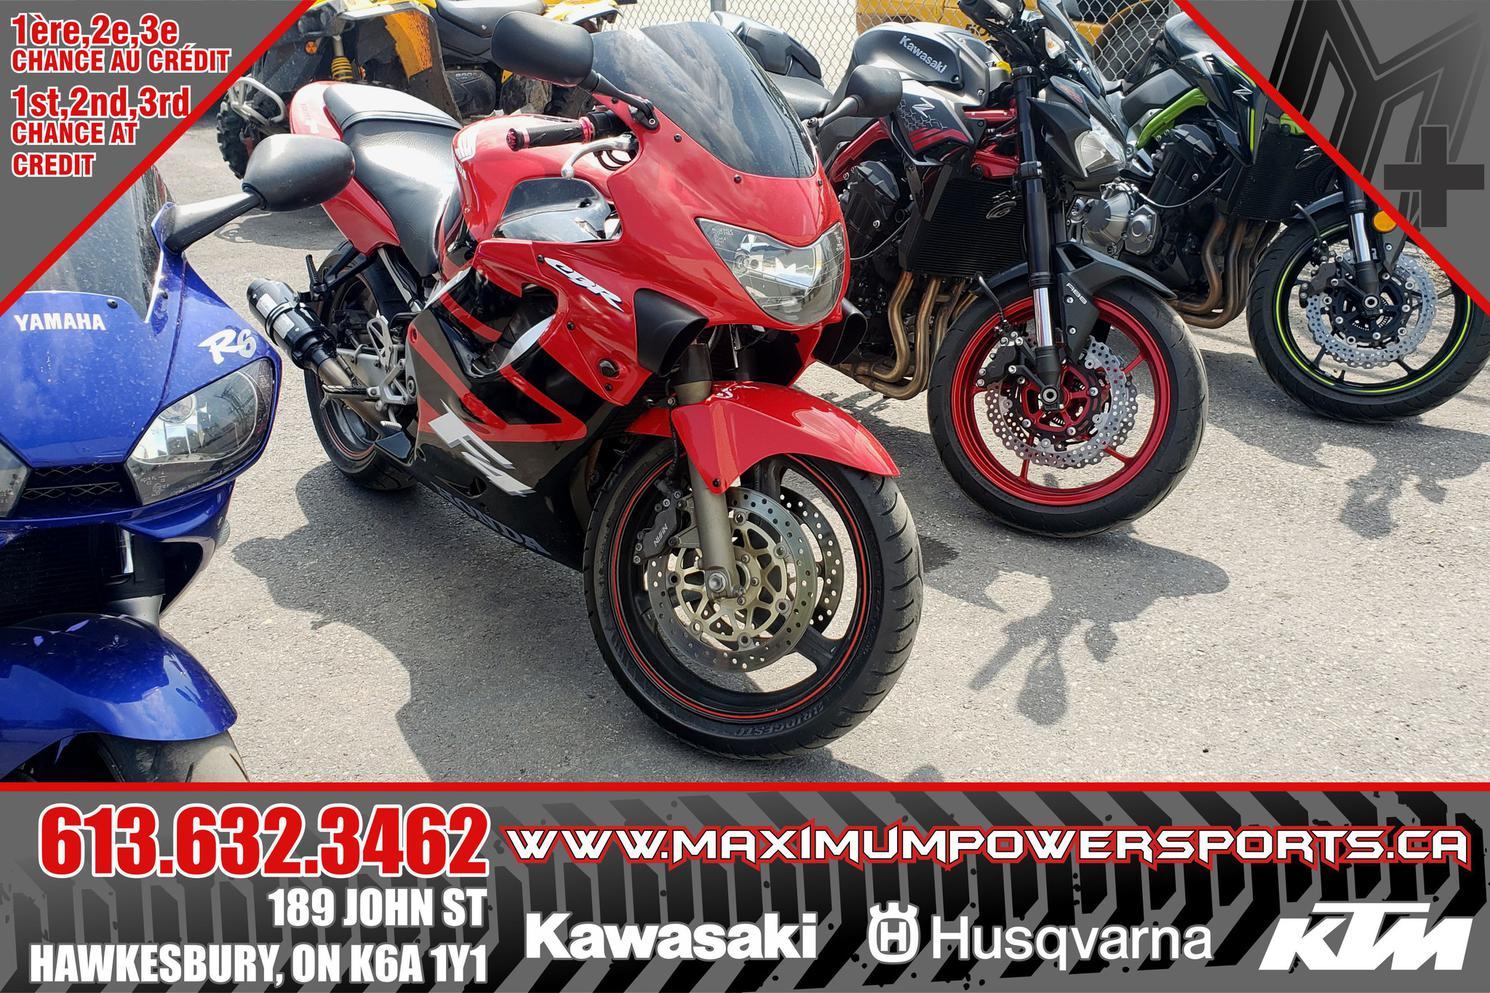 2000 Honda CBR 600 F4 CBR 600 F4